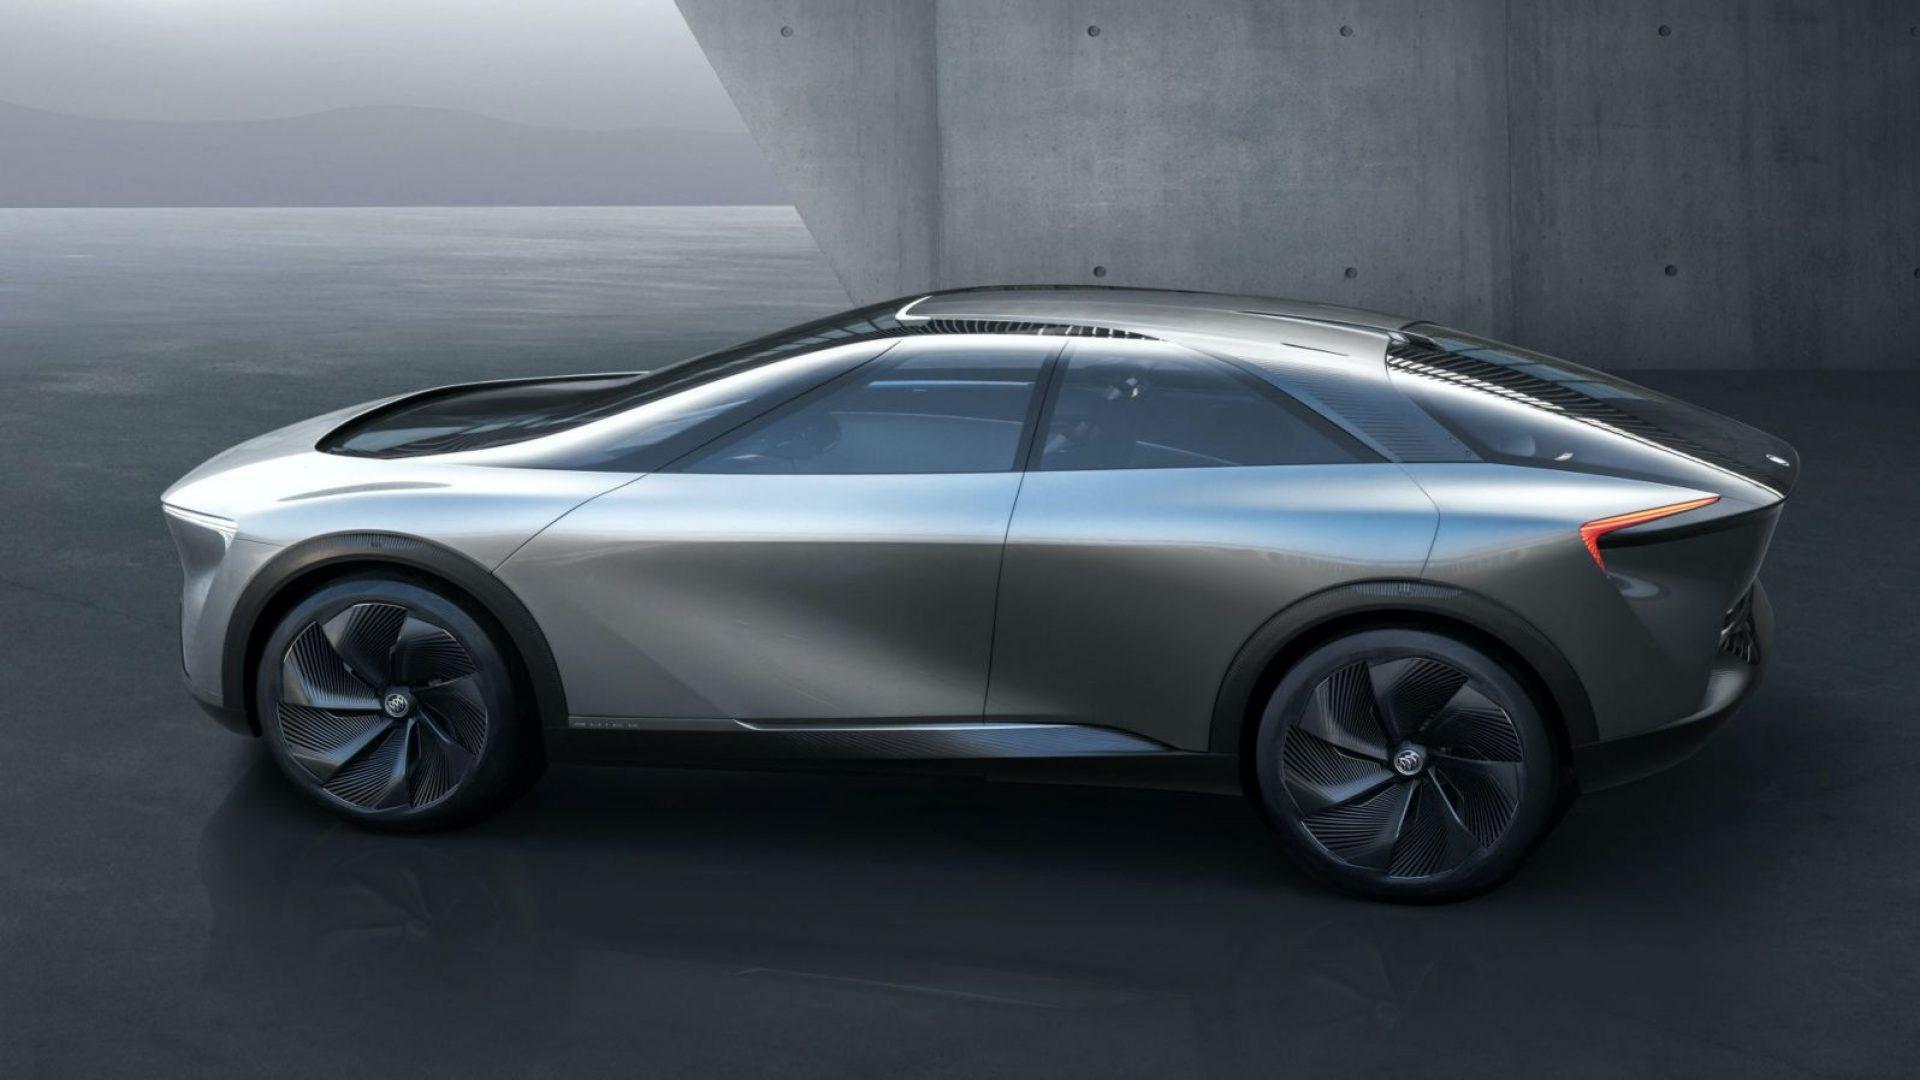 2020-Buick-Electra-Concept-04